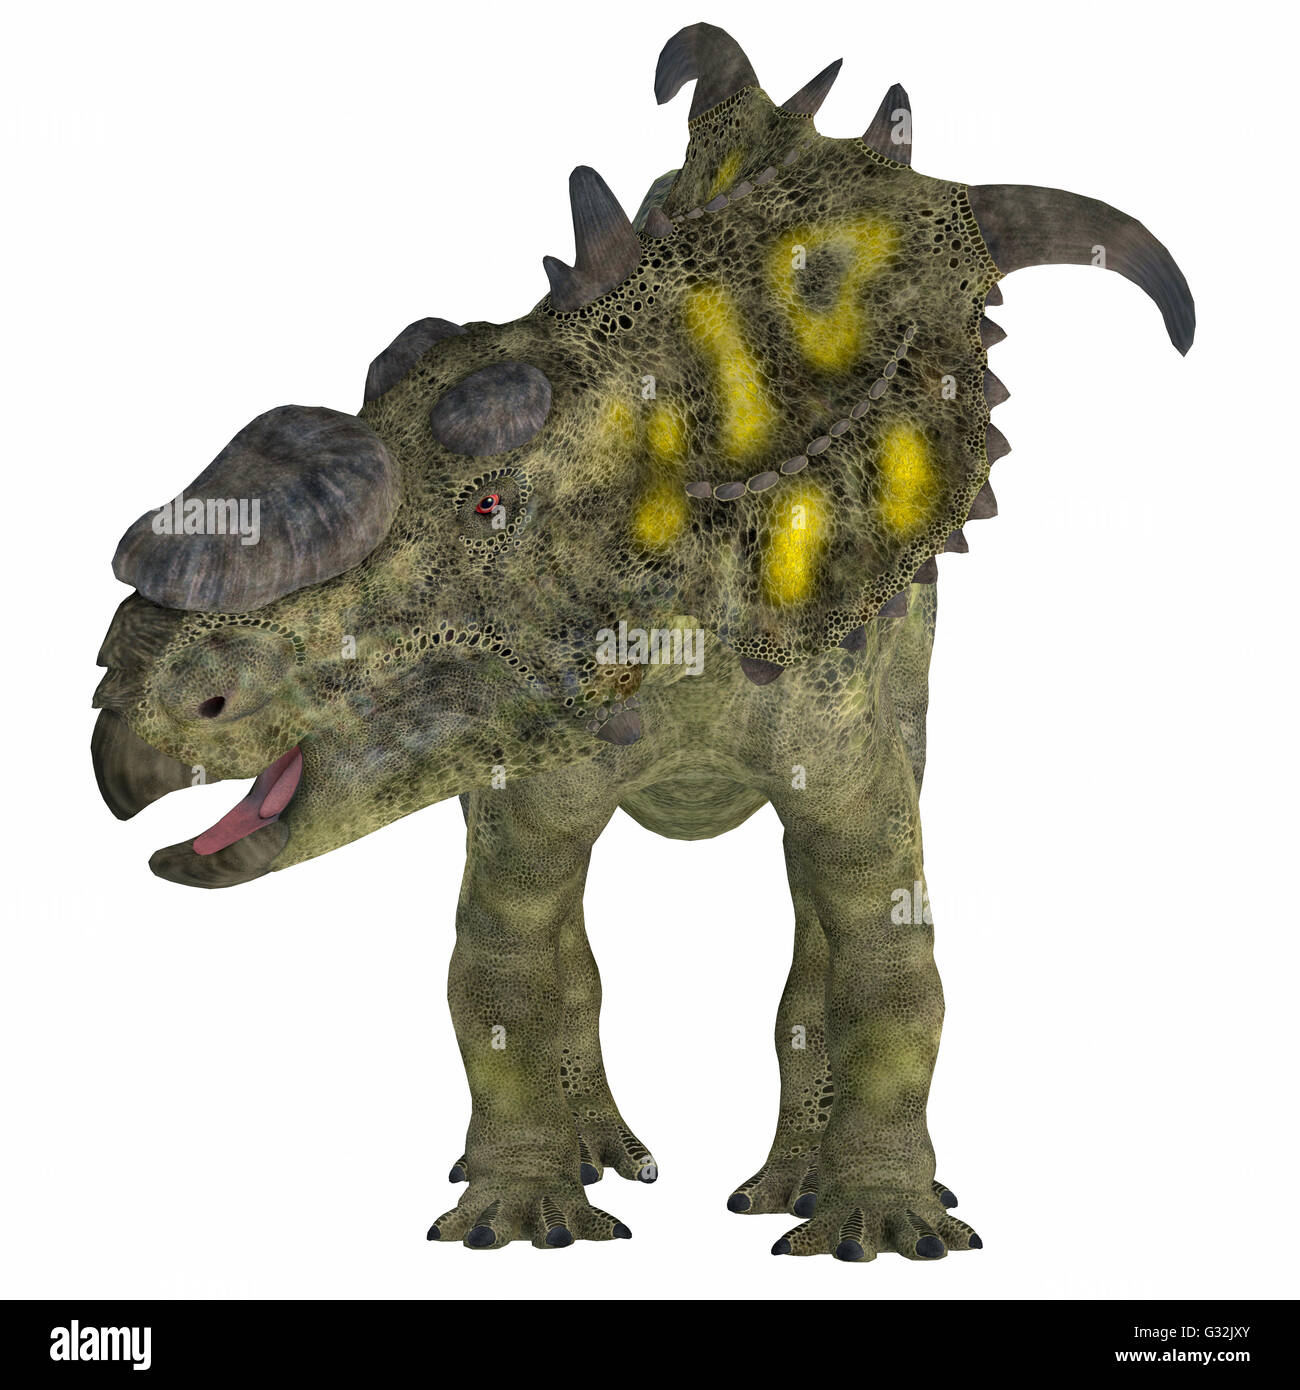 Pachyrhinosaurus ceratopsid fue un dinosaurio herbívoro que vivió en el período Cretácico de Alberta, Canadá. Foto de stock